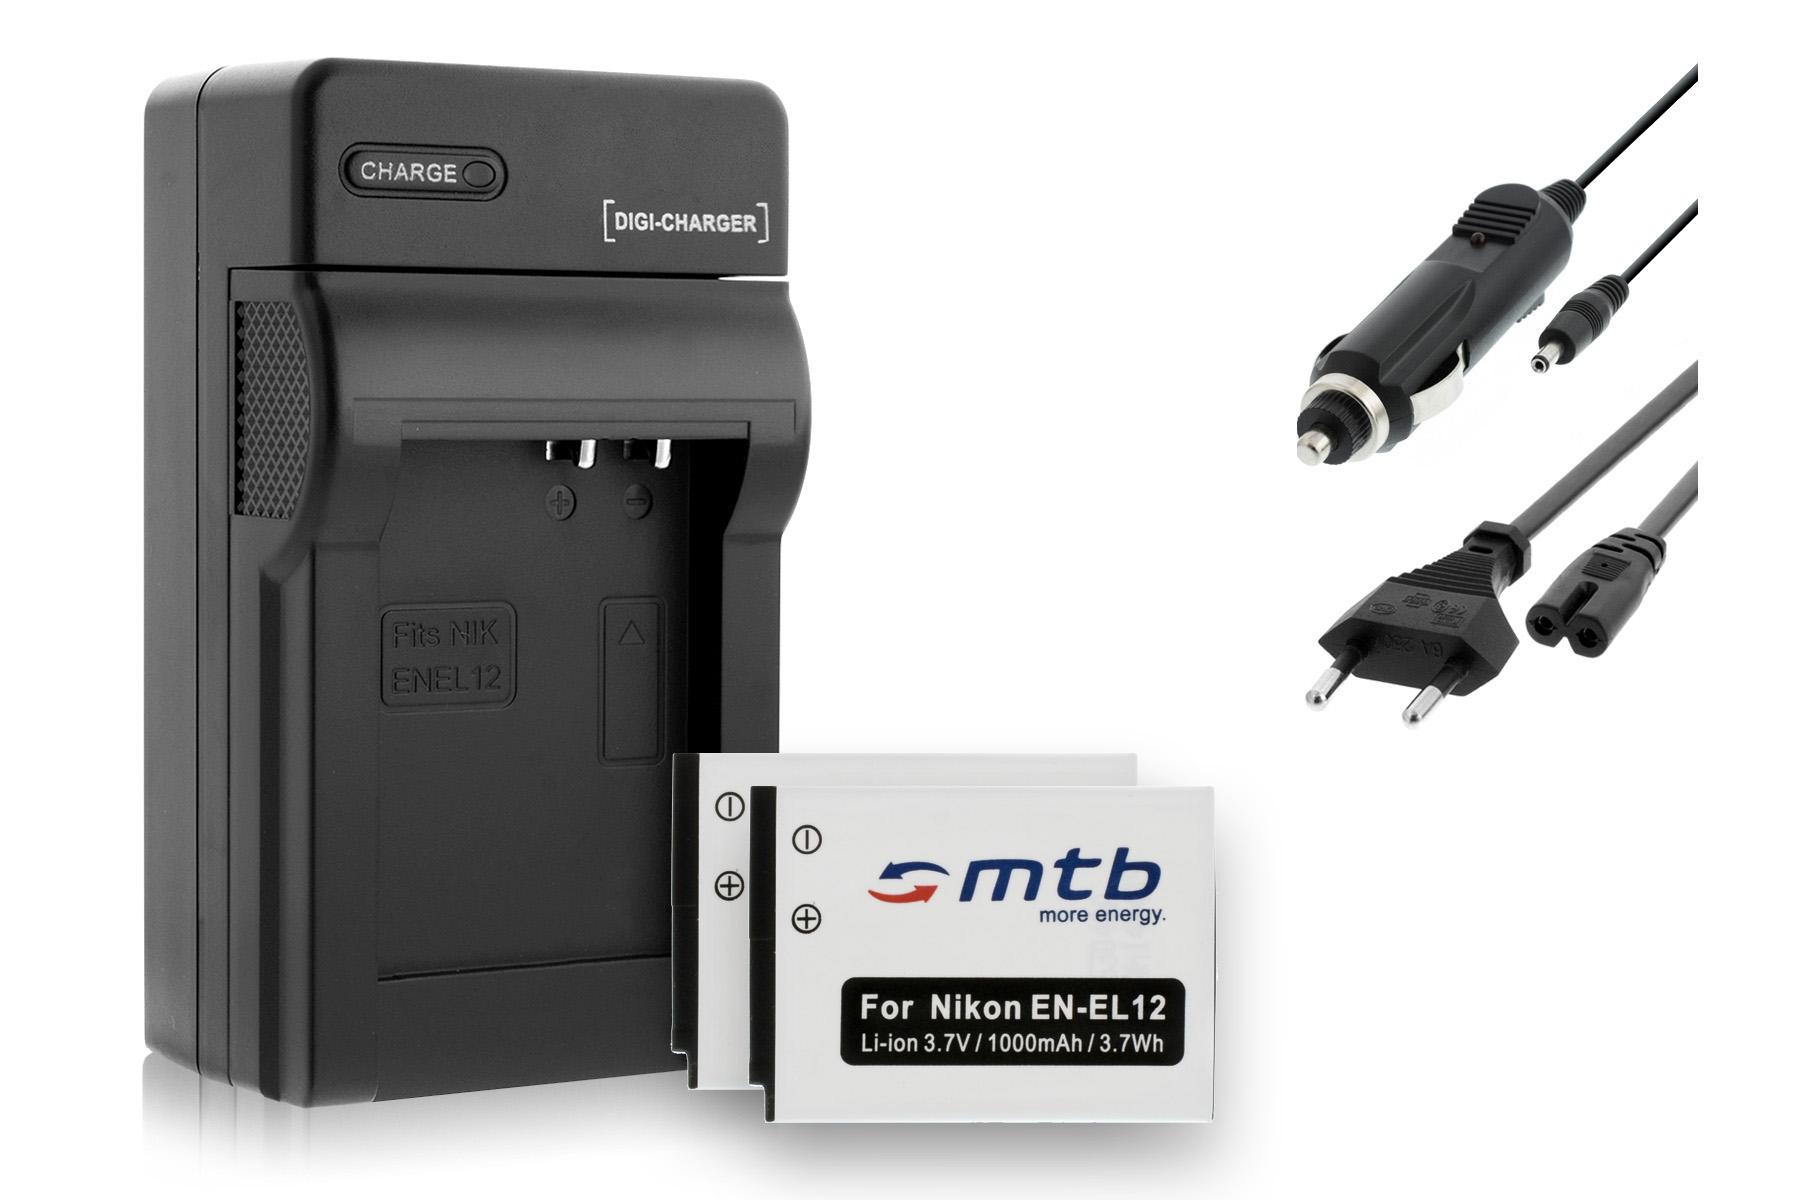 S9400 2x Baterìas EN-EL12 S9200 Cargador para Nikon Coolpix S9100 S9300